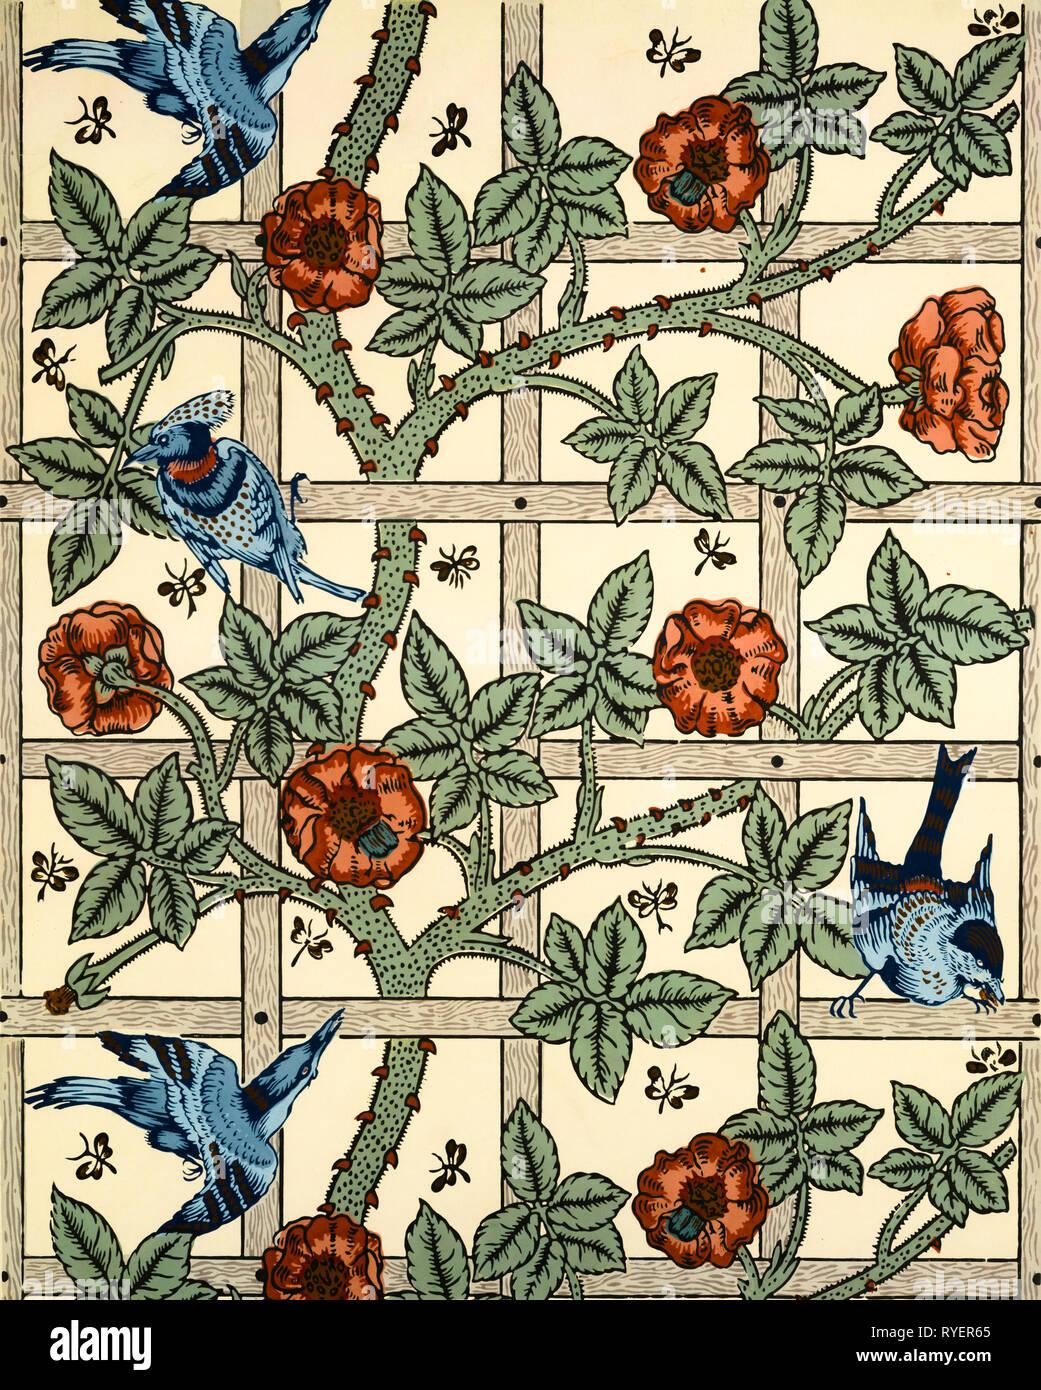 William Morris, sfondo pattern design Trellis, 1862 Immagini Stock